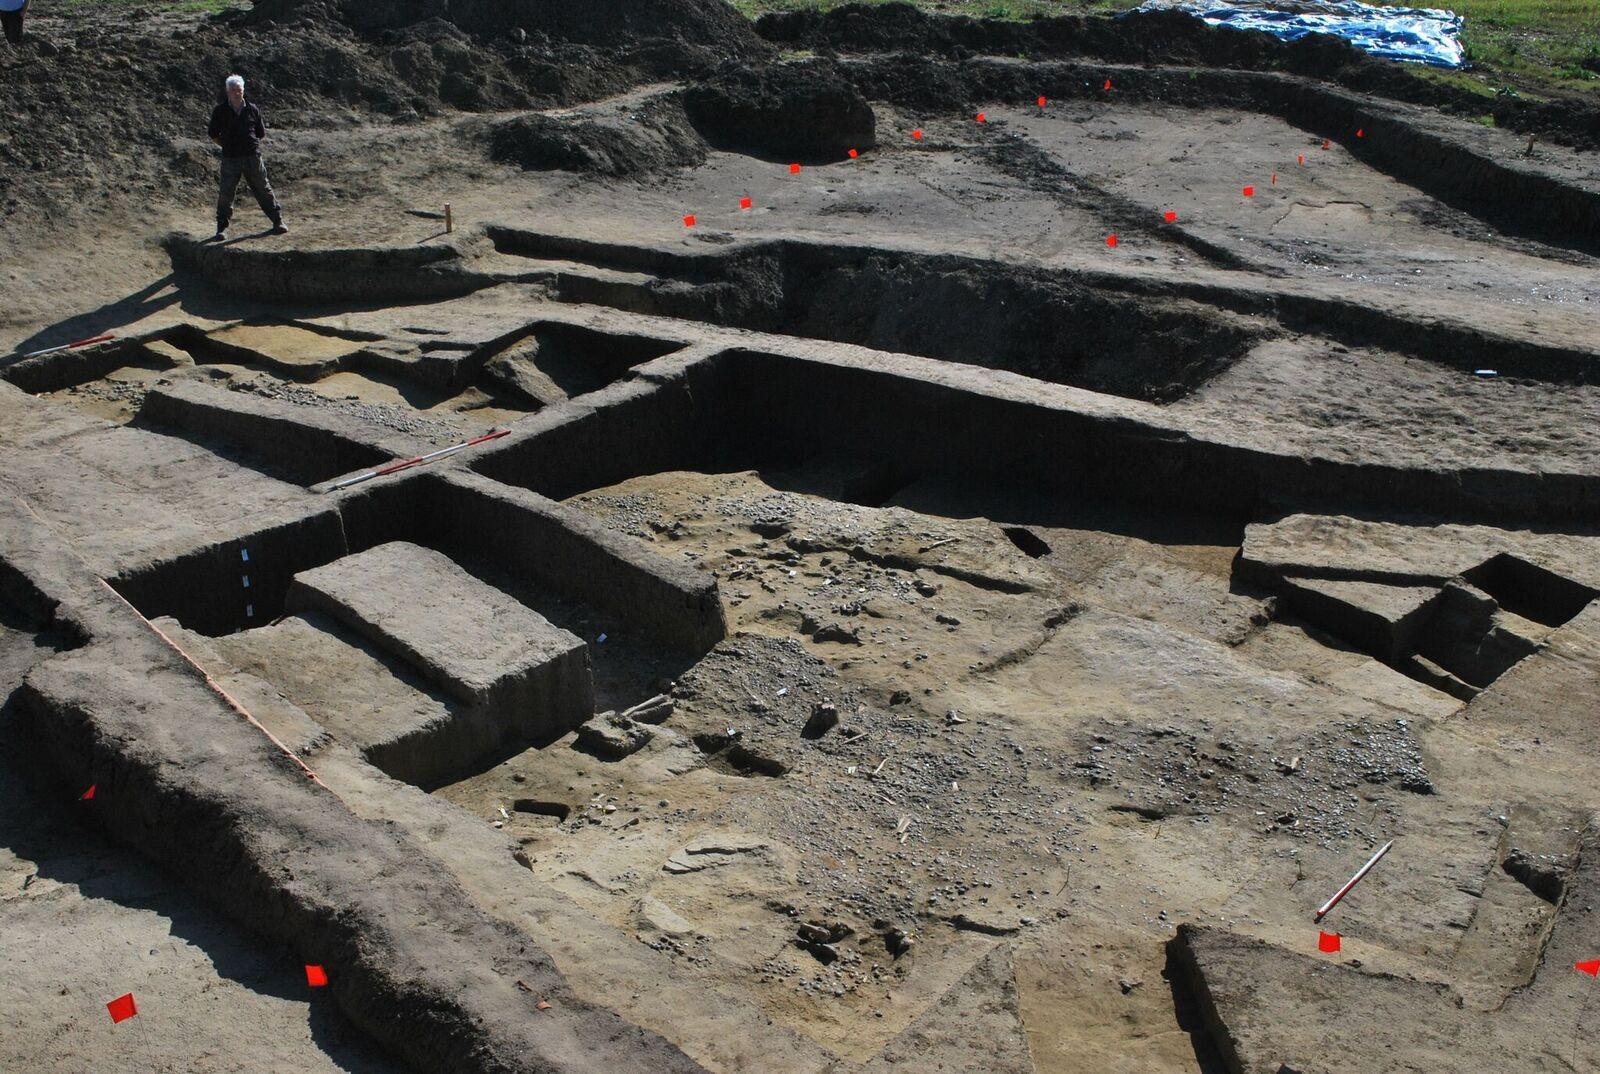 Sítio arqueológico onde foram encontrados artigos arqueológicos do Império Romano (Foto: University of Leicester)